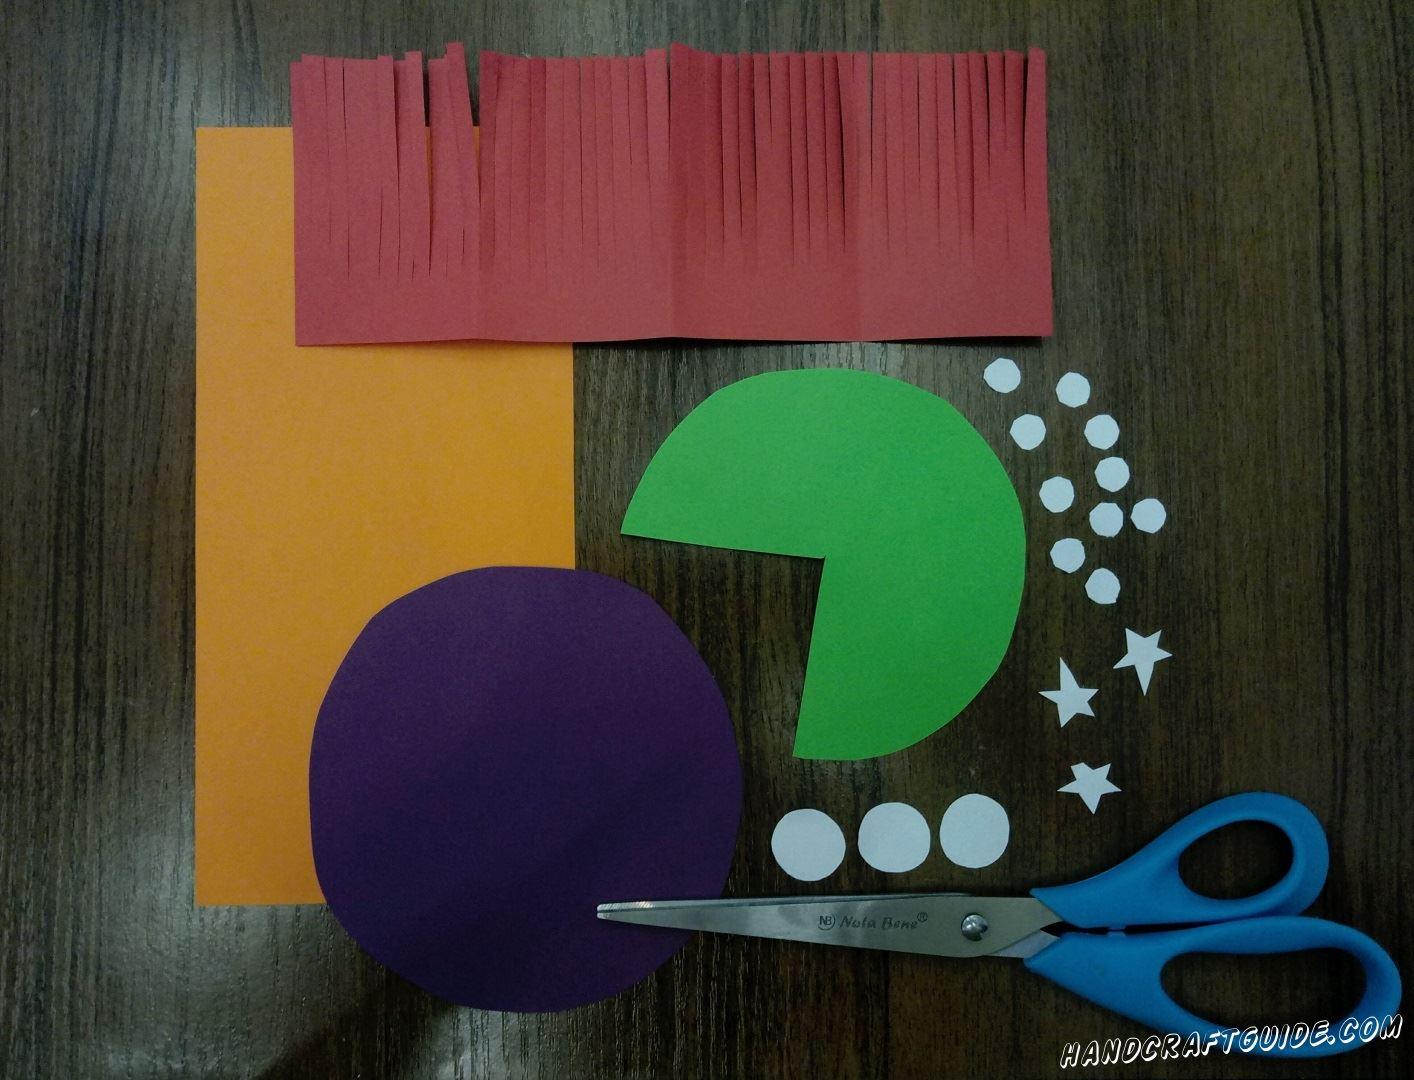 Для начала нам нужно подготовить все необходимые детали. Вырезаем фиолетовый круг, оранжевый прямоугольник, красный прямоугольник, на котором делаем множество надрезов, с одно длинной стороны, зелёный круг с вырезанным углом.Затем вырезаем 3 маленьких звёздочки, 3 кружочка и 10 совсем маленьких кружков белого цвета